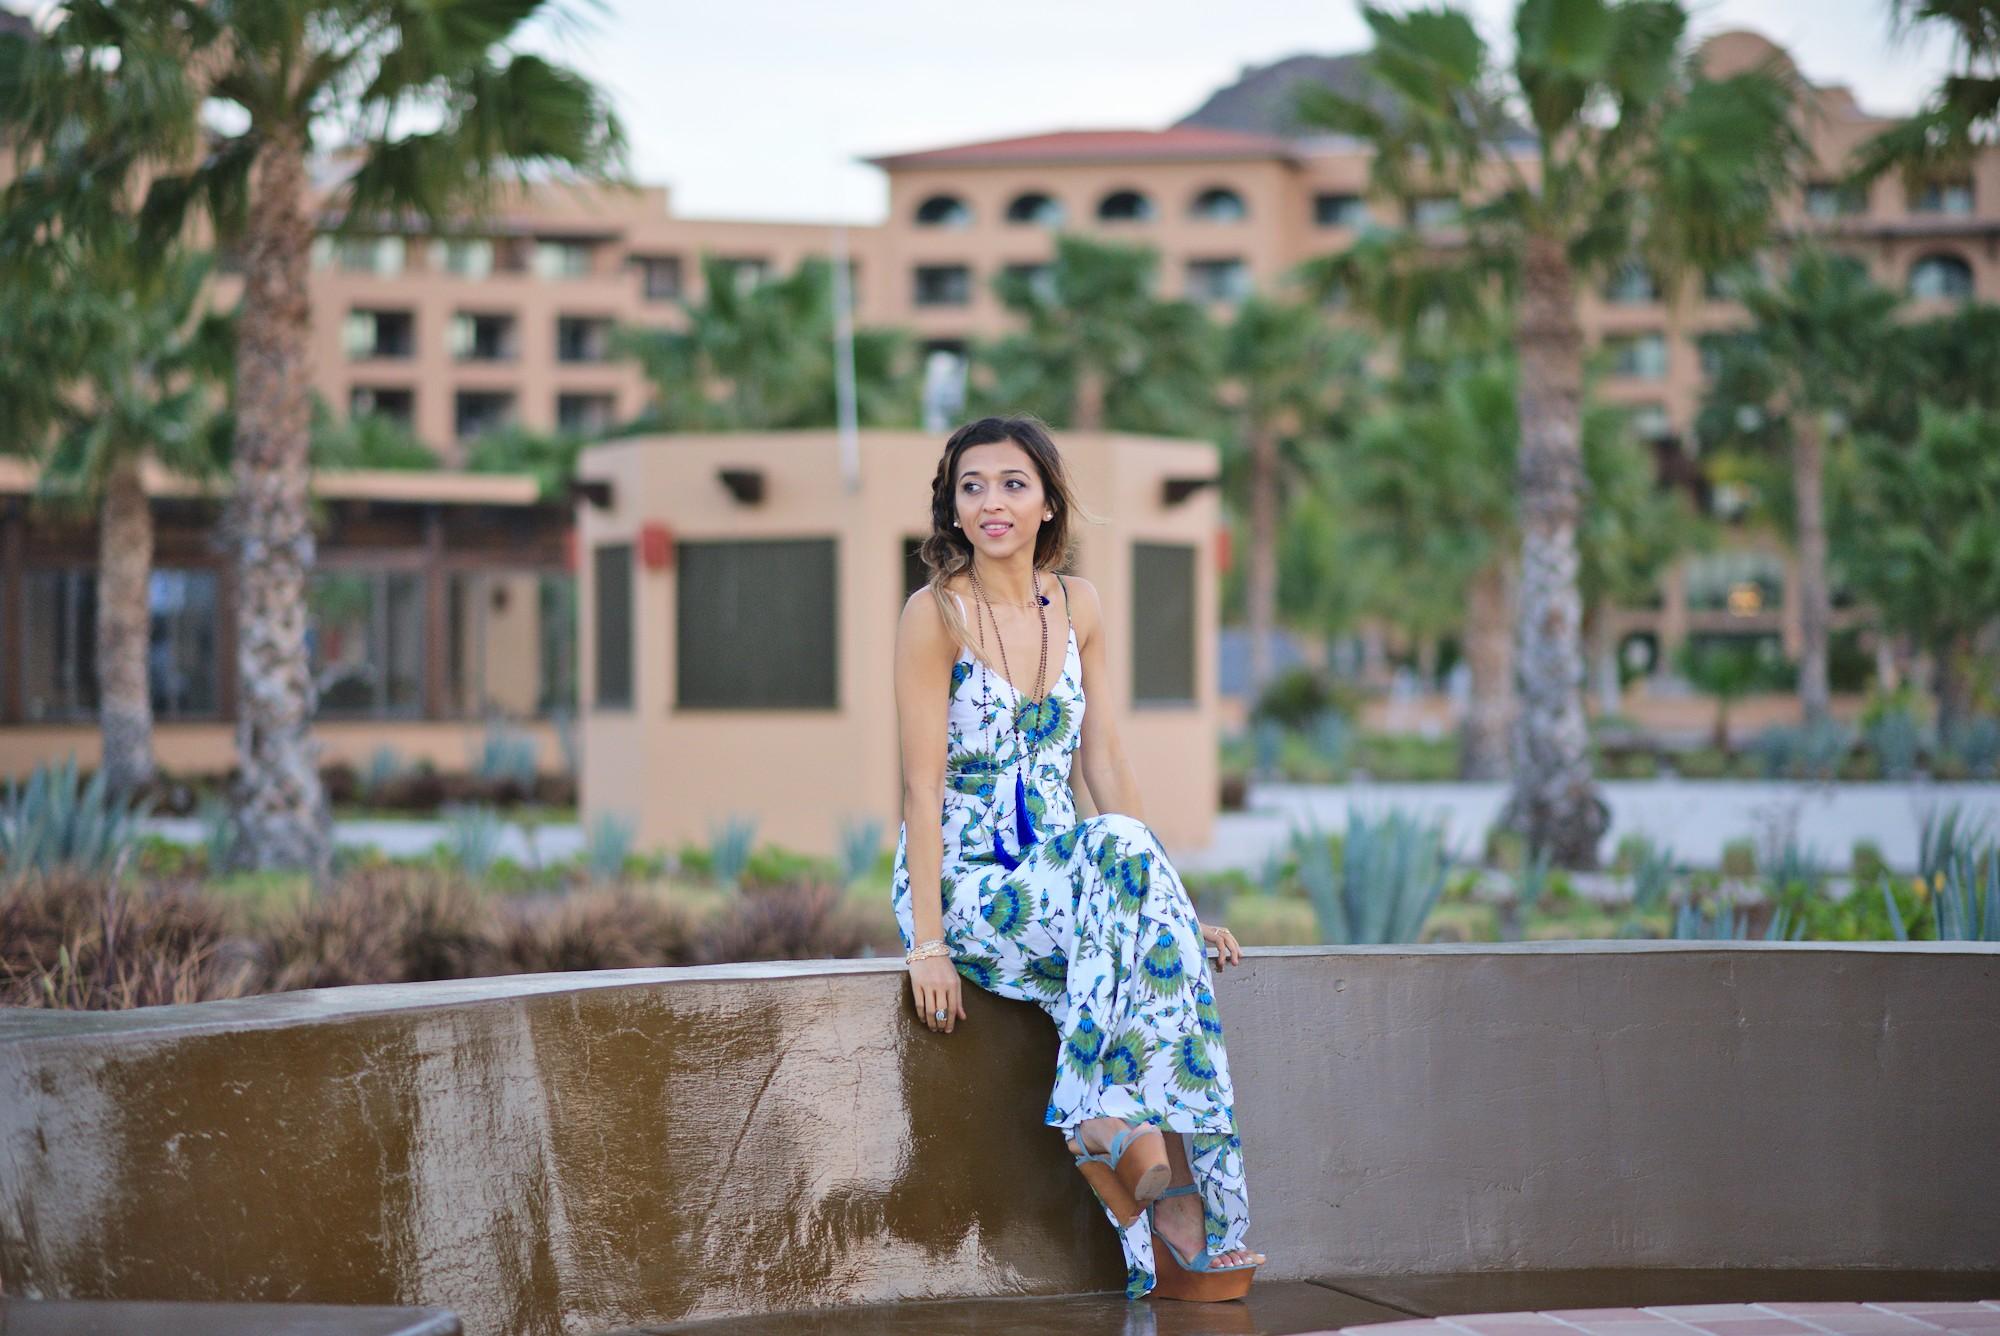 cuppajyo-sanfrancisco-fashion-lifestyle-blogger-villa-del-palmar-islands-of-loreto-mexico-travel-mag